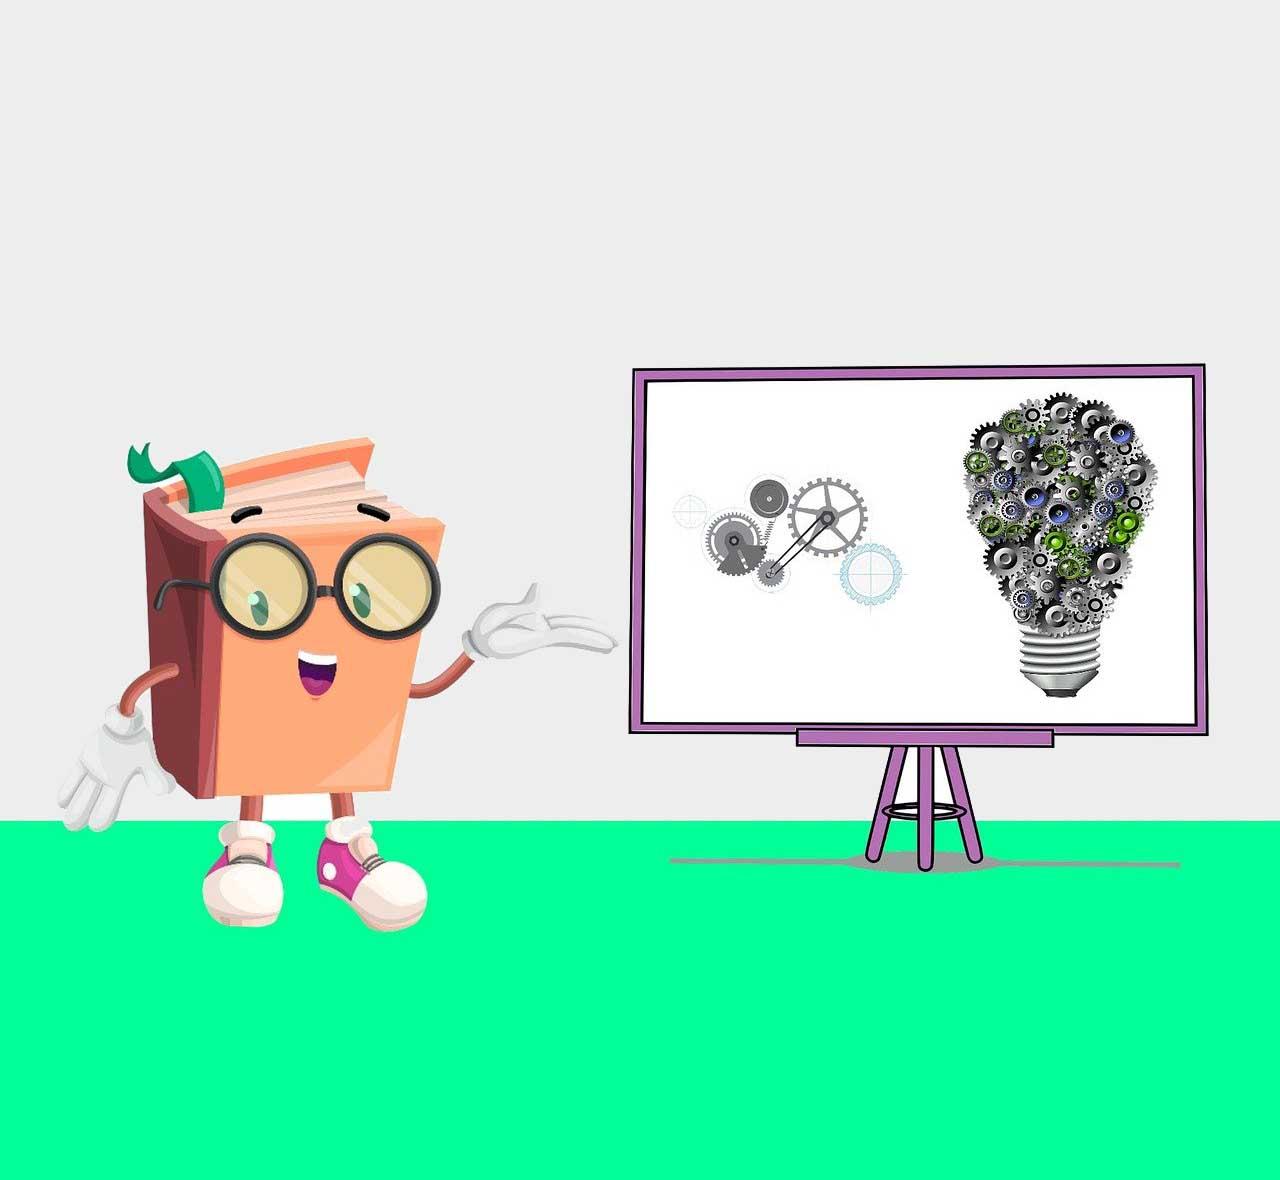 Что получаете после прослушивания онлайн семинаров от логопедов педагогов дефектологов